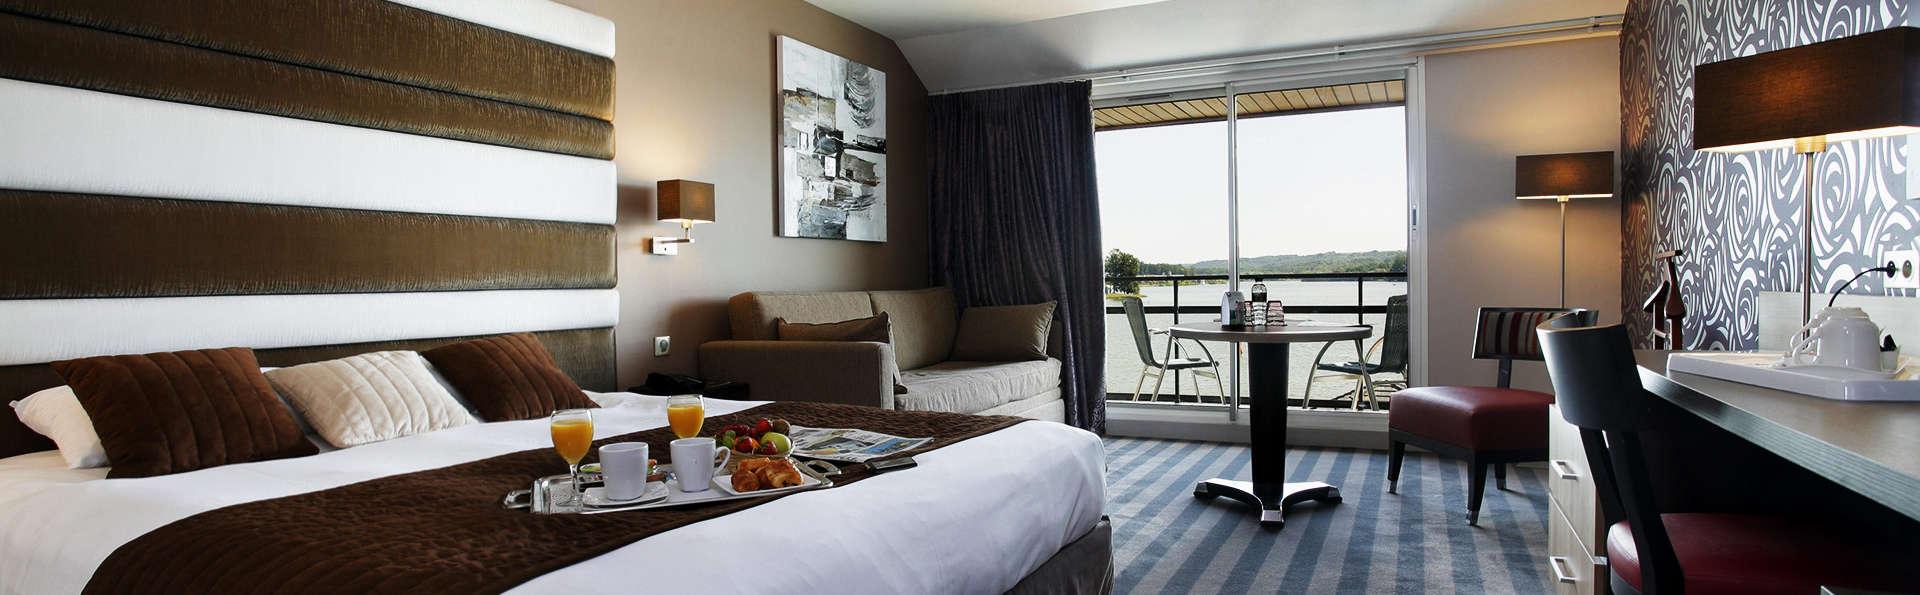 QUALYS-HOTEL Laon Sud du Golf de l'Ailette - EDIT_room2.jpg